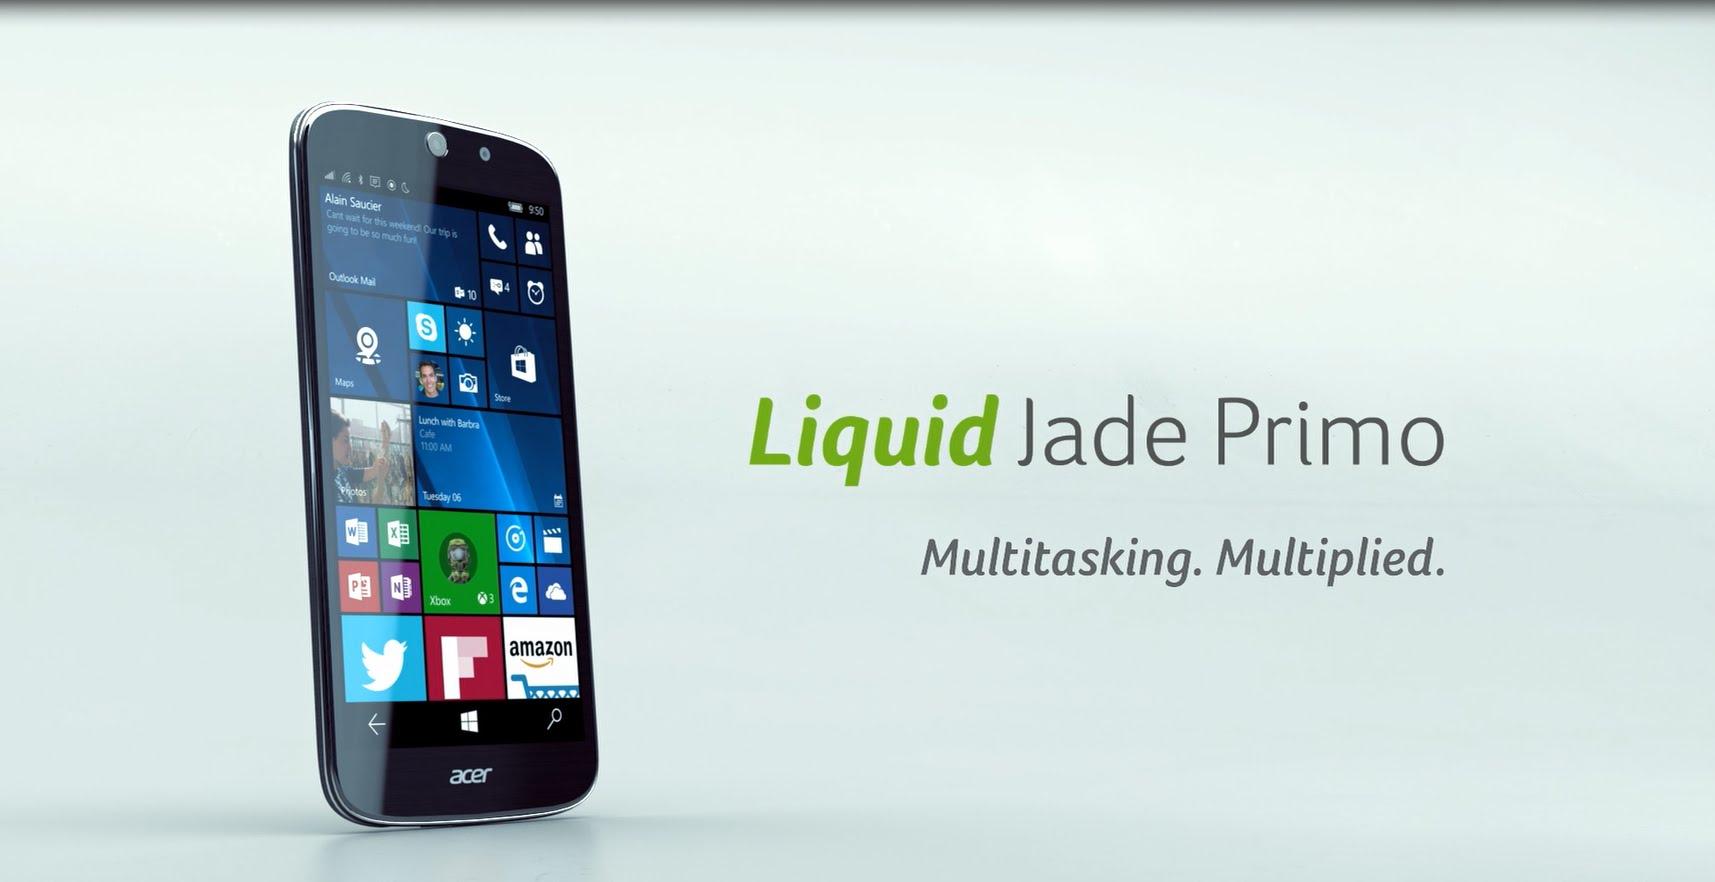 Acer Liquid Jade Primo Usung OS Windows 10 Mobile 1